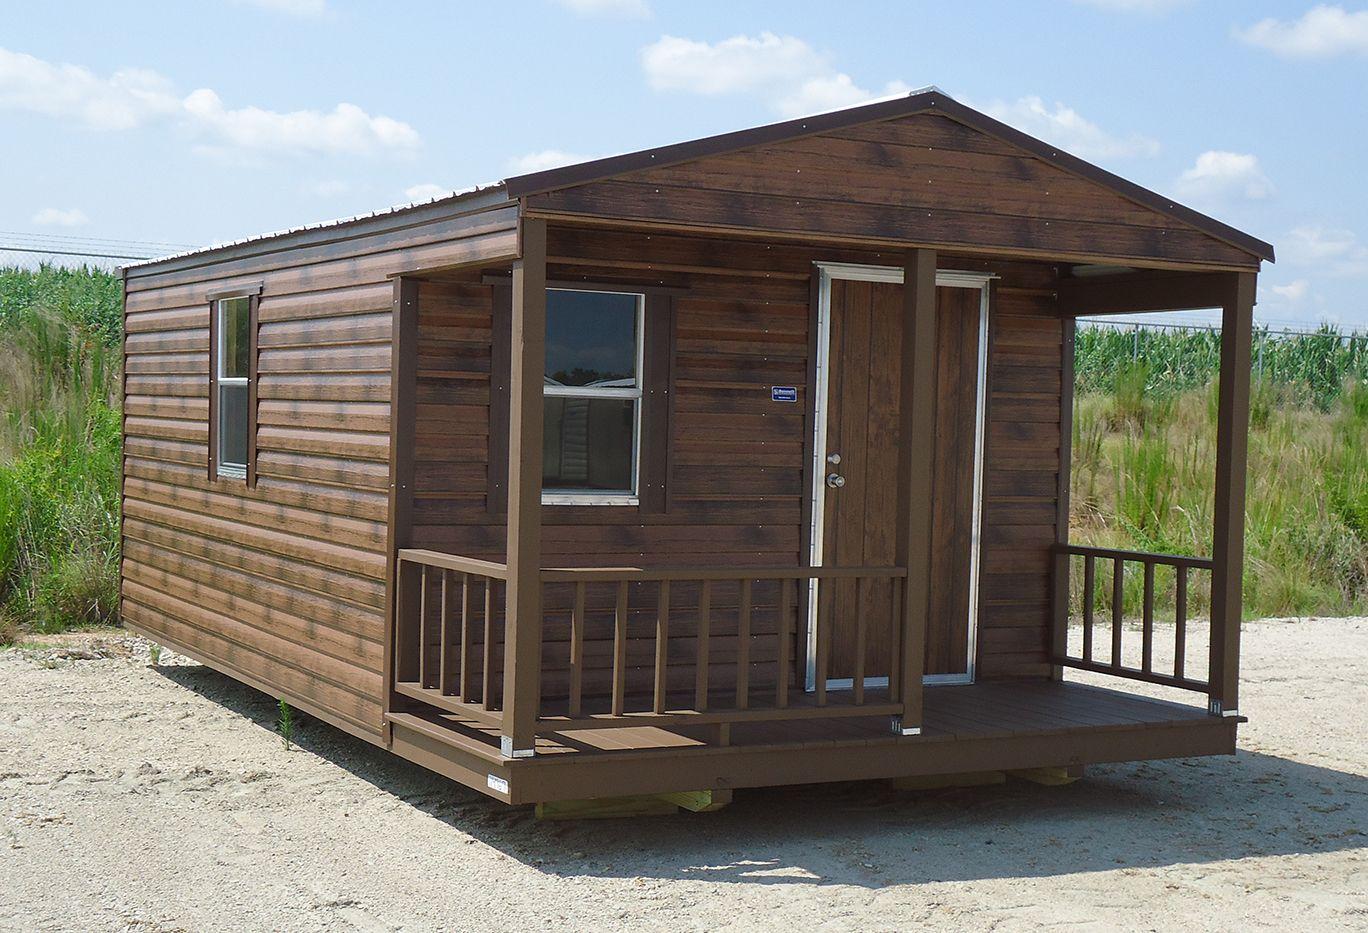 Marvelous Storage Shed Images | Home / Sheds / Cedar Wood Storage Shed U2013 Premier  Series